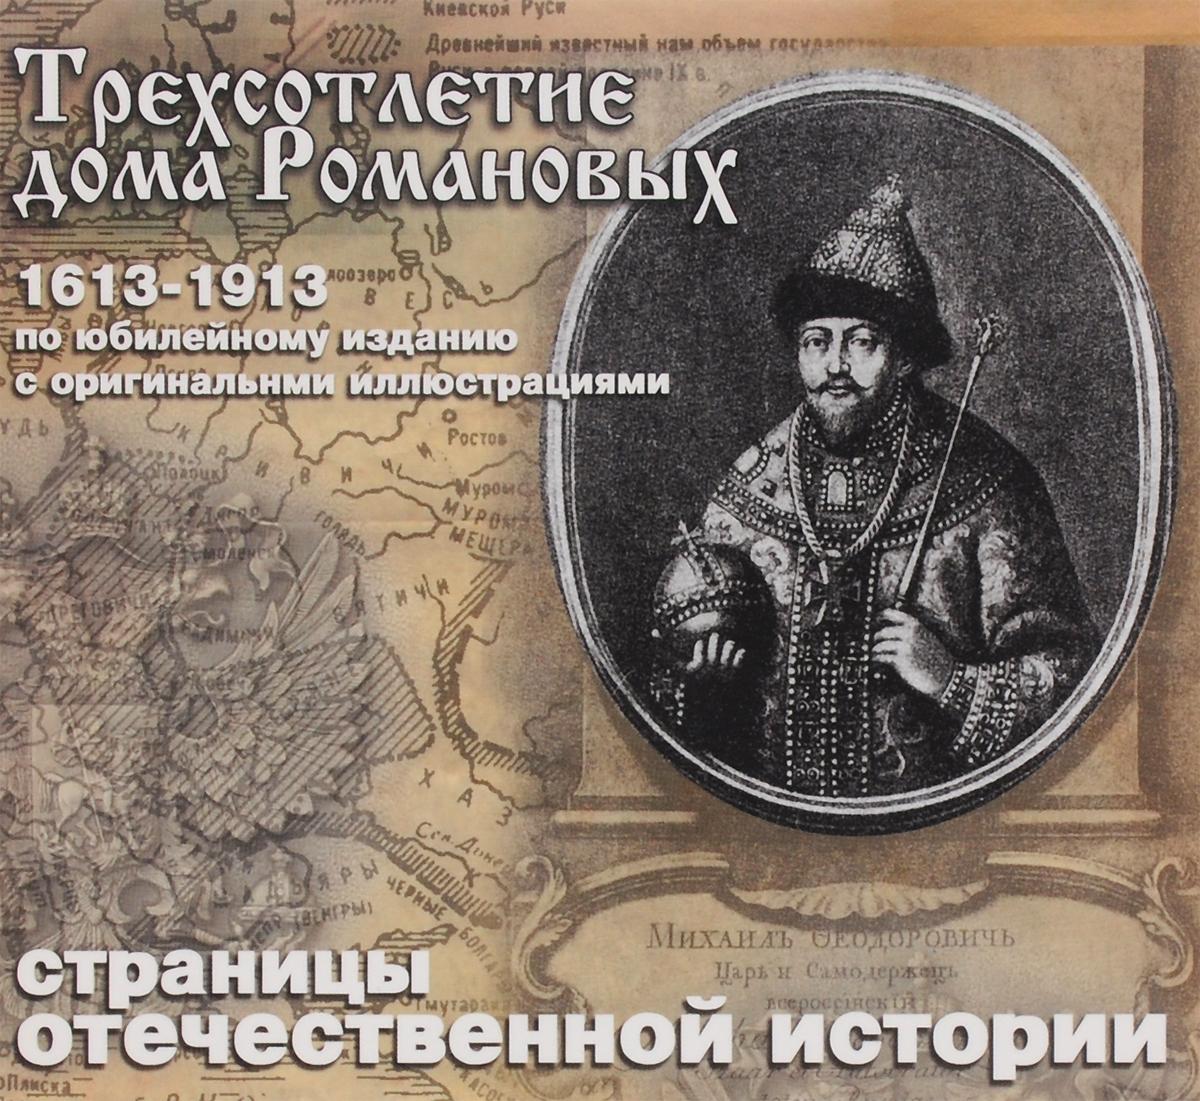 Трехсотлетие дома Романовых (аудиокнига MP3) ( 0703708 )